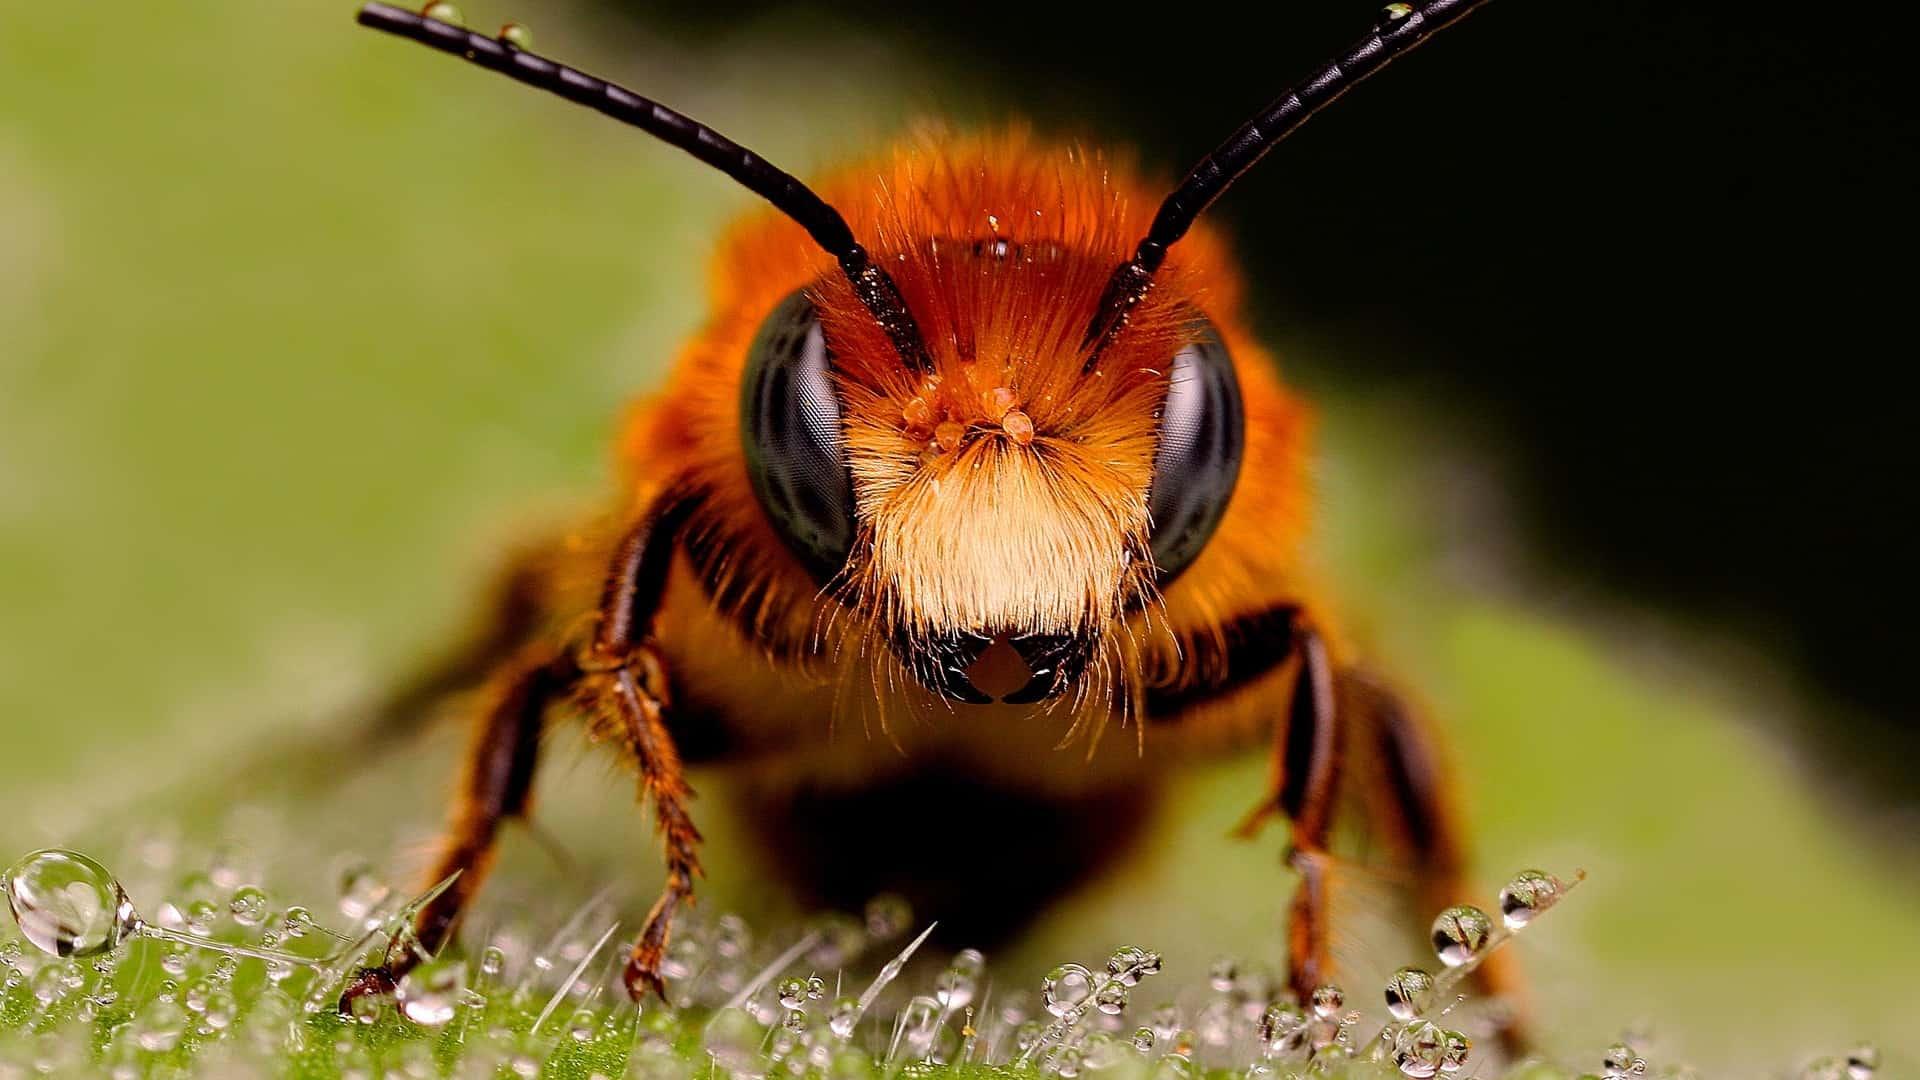 Insecten prepareren is ook een hobby